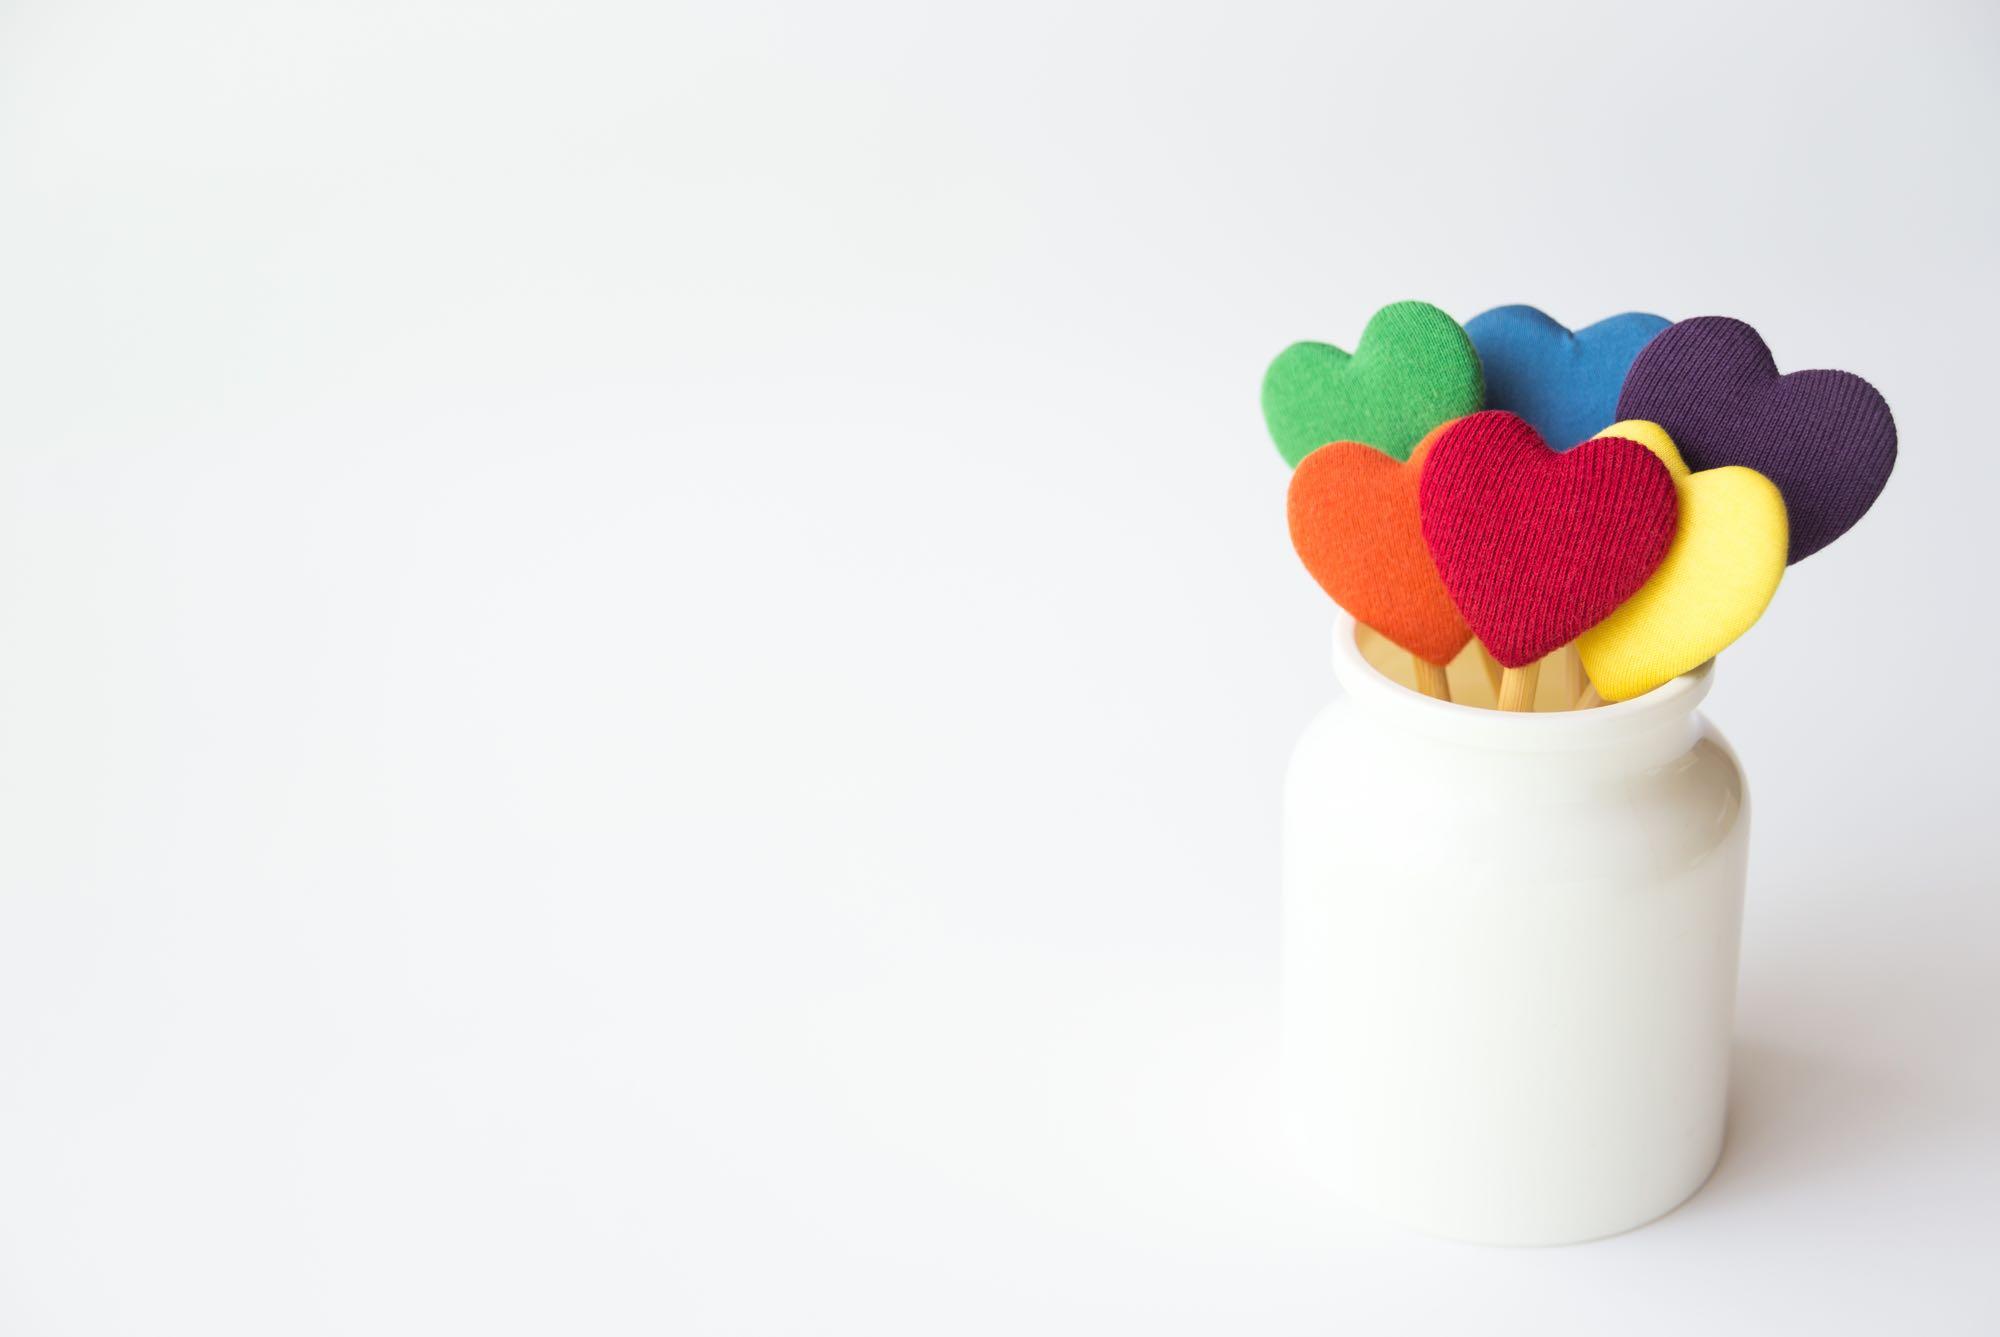 """もし子どもにLGBTと打ち明けられたら? LGBTに関連する新しい言葉""""SOGI""""の概念とは――「LGBTの家族と友人をつなぐ会」理事インタビュー"""